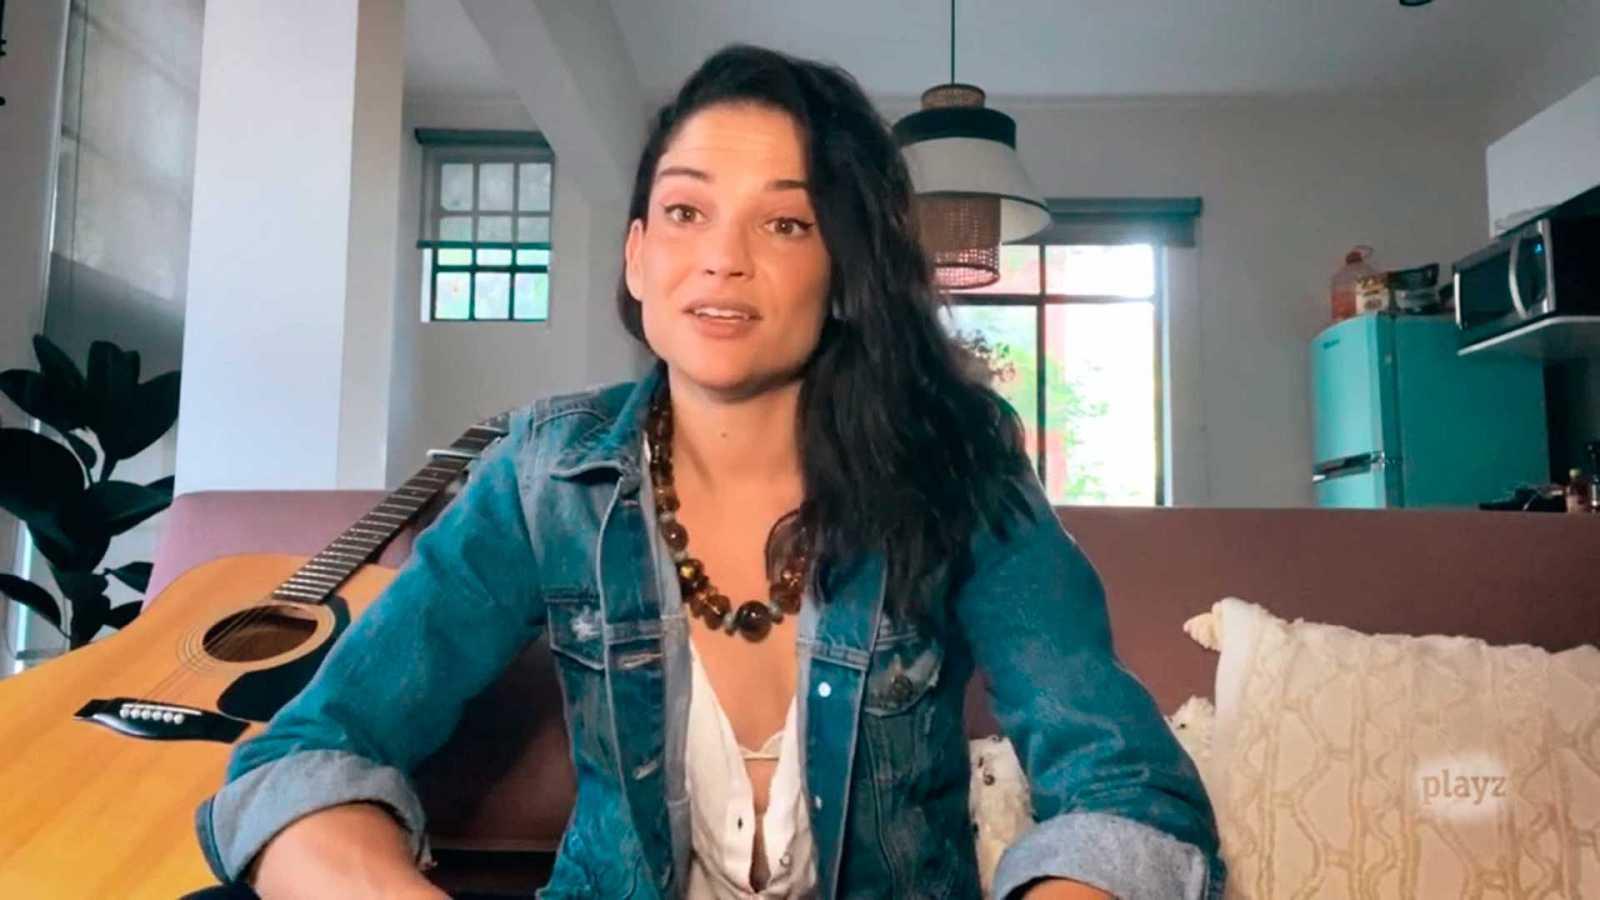 Playztrends - Entrevista a Natalia Jiménez desde su confinamiento en México